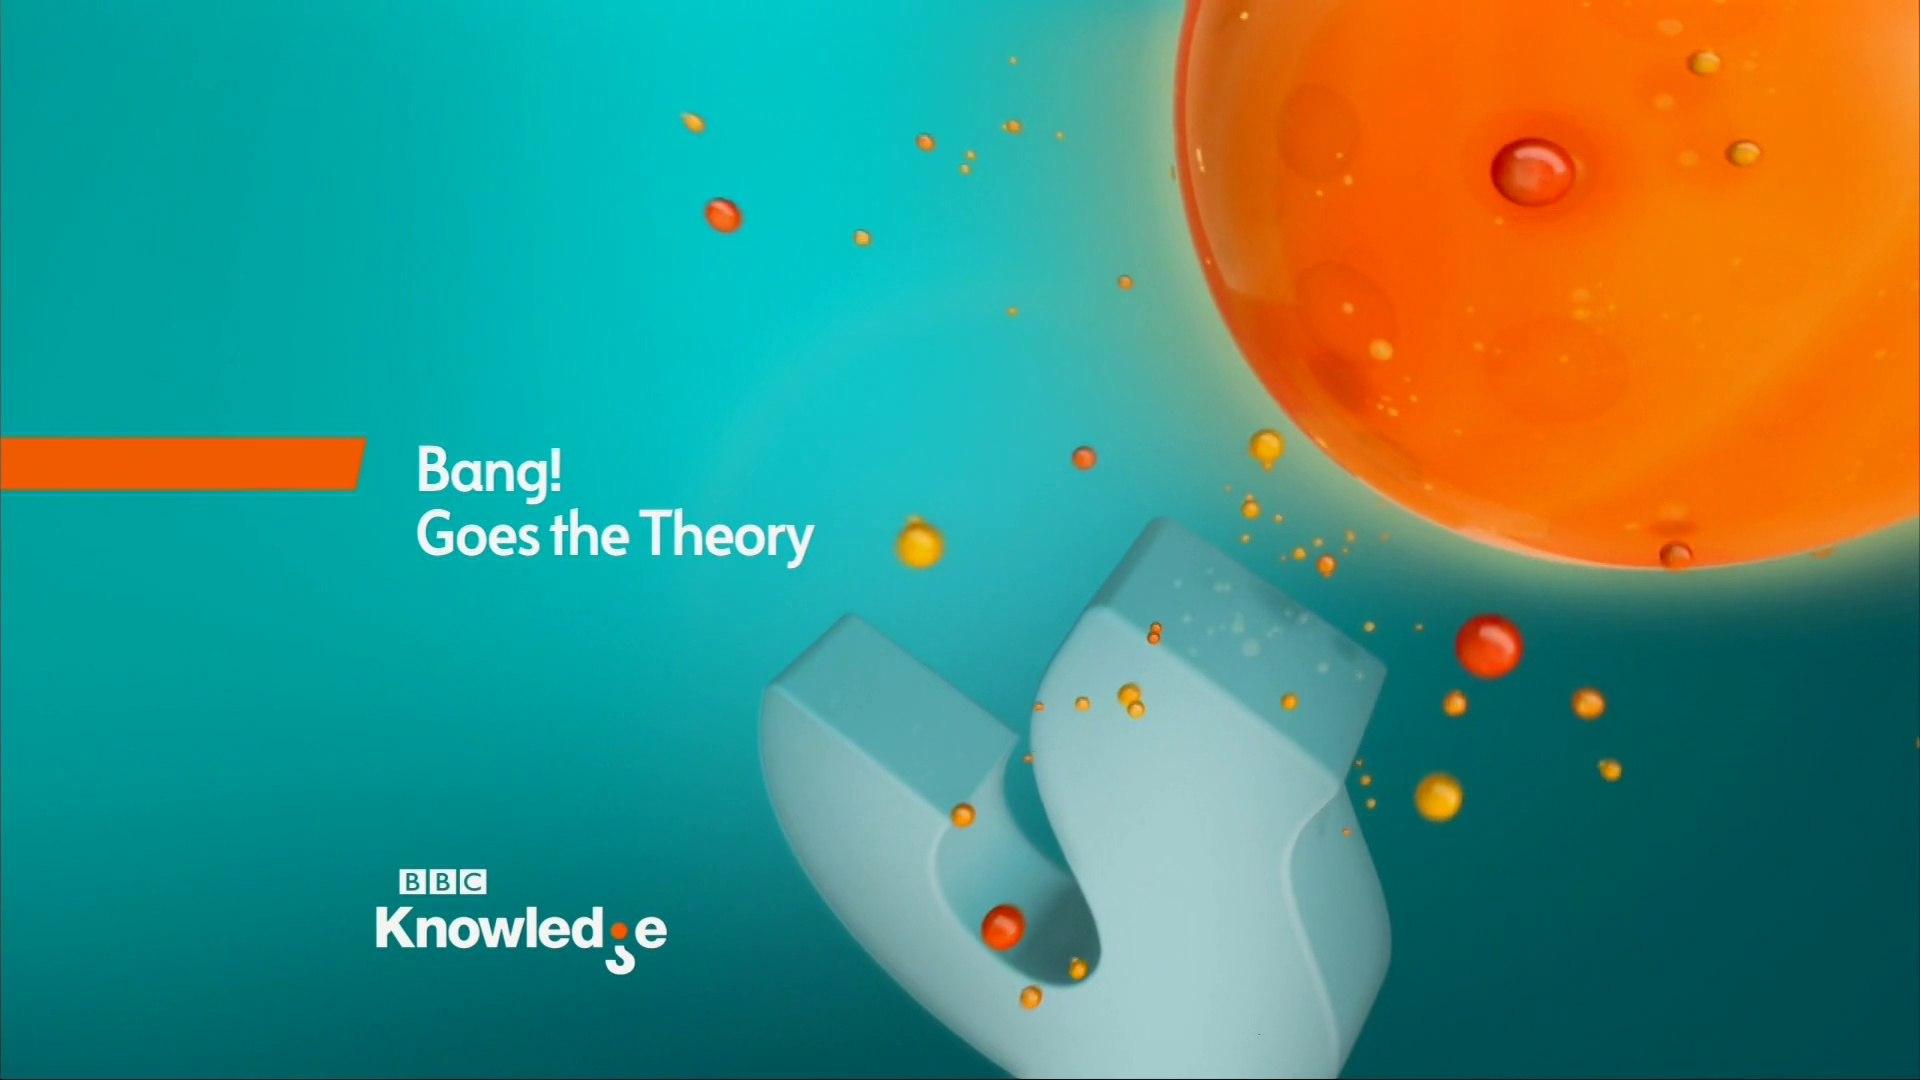 Bang! Nos Limites da Ciência - S05E03 O Poder dos Foguetes - Bloodhound [BBC HD]